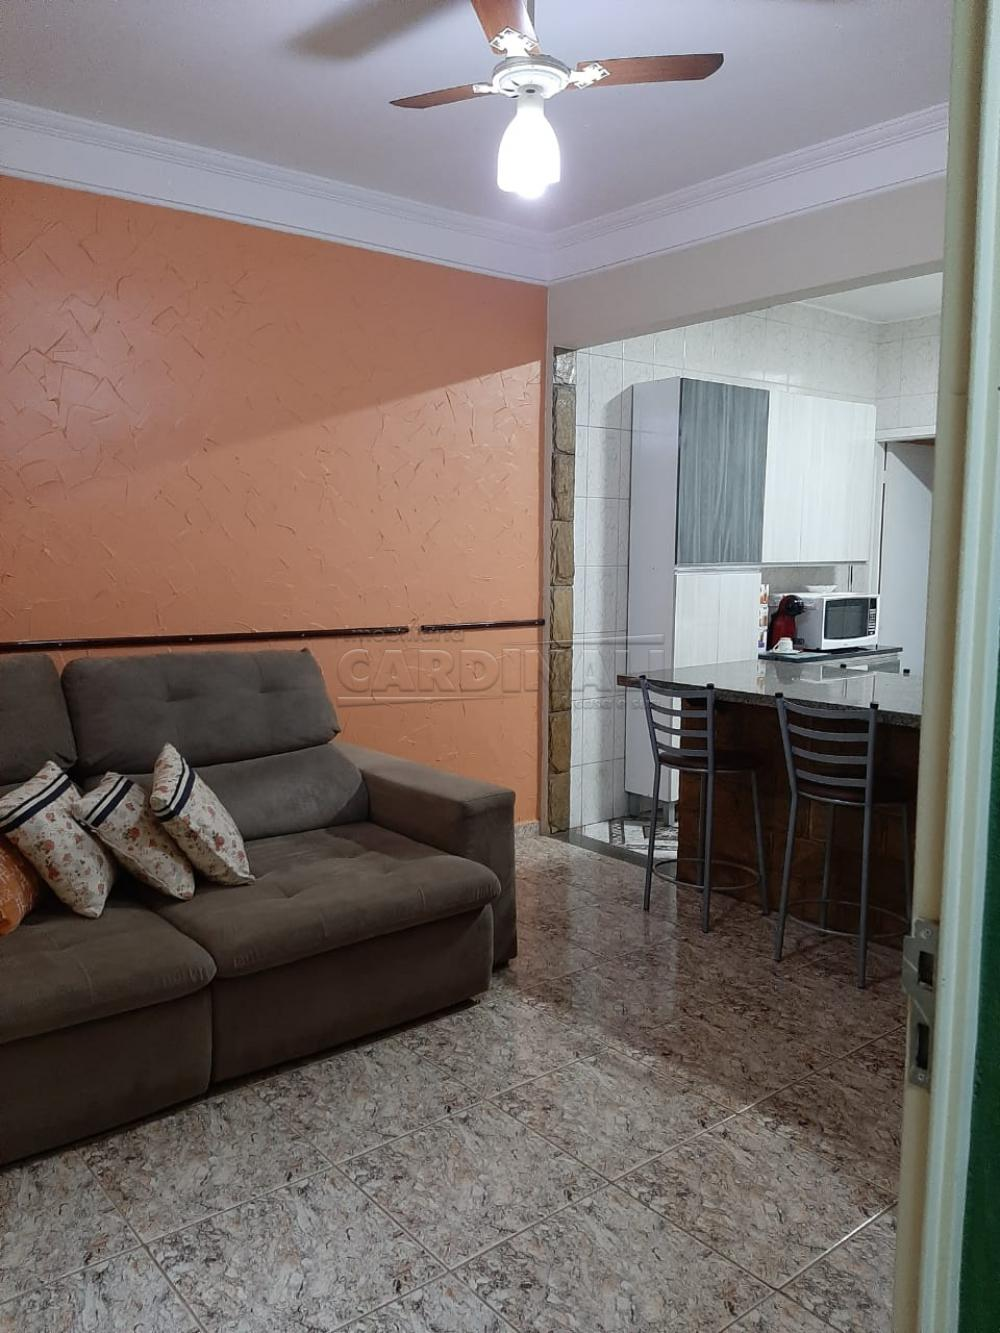 Comprar Casa / Padrão em São Carlos R$ 373.000,00 - Foto 5